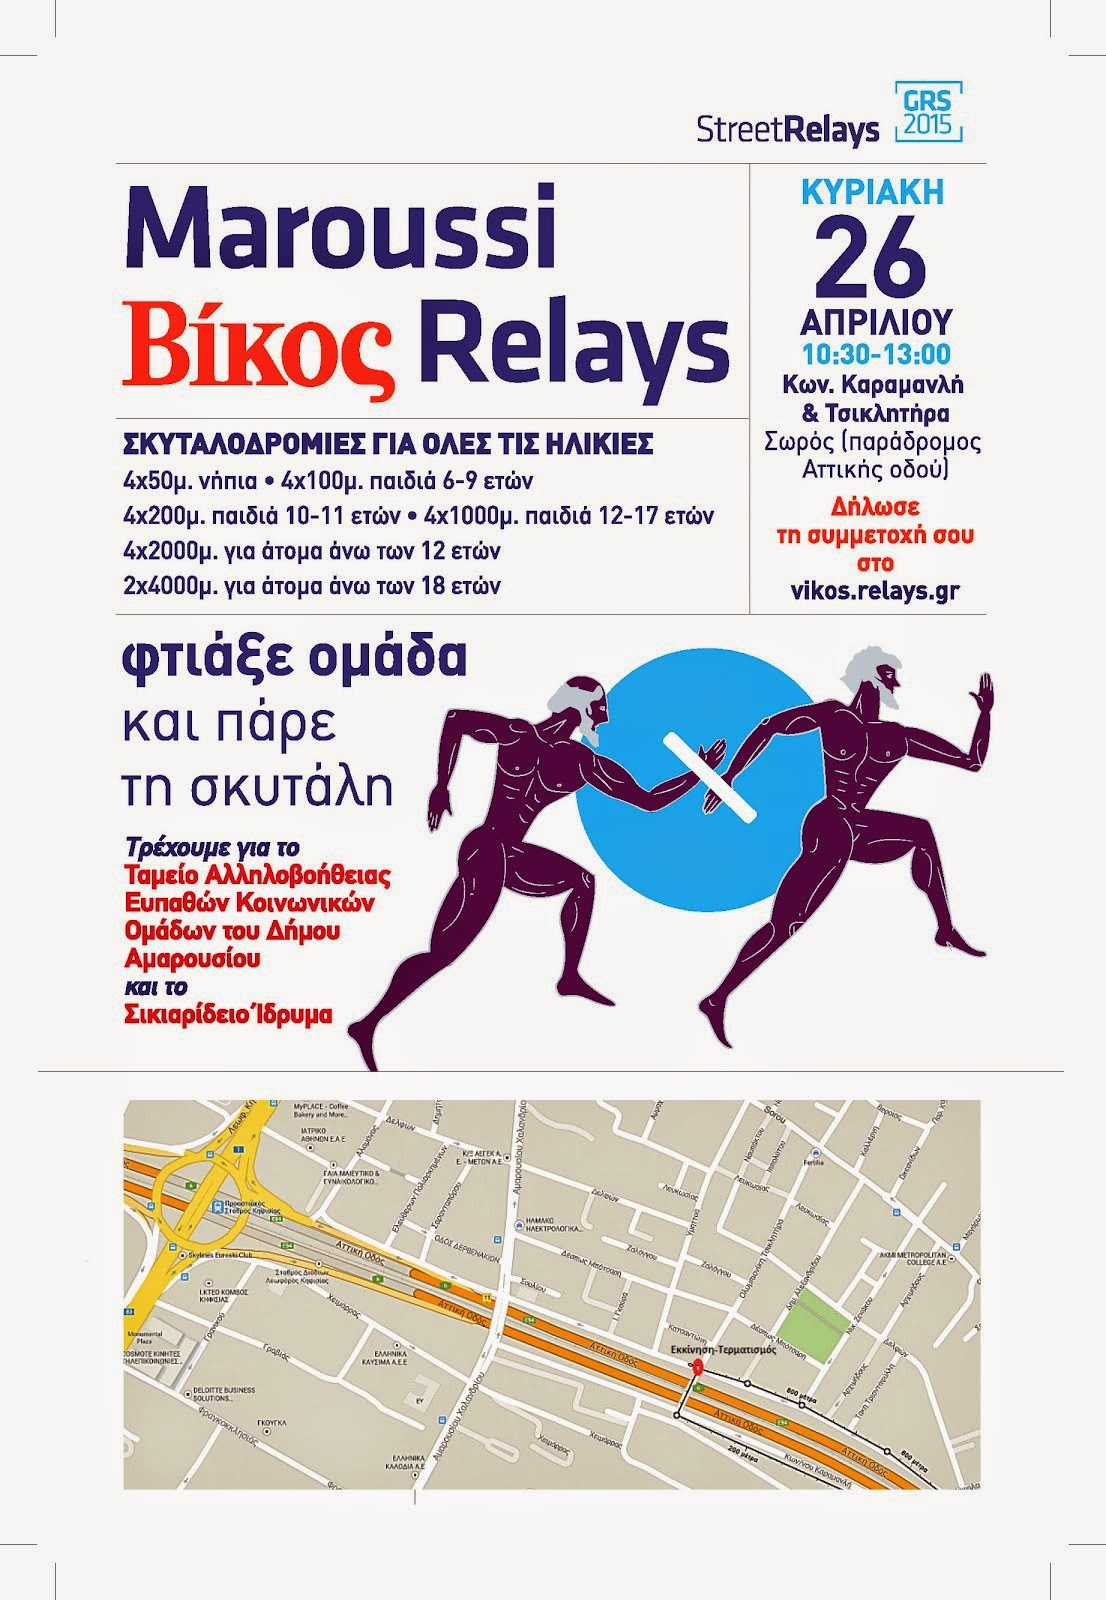 Αγώνας Σκυταλοδρομιών Δρόμου «Maroussi Vikos Relays» Το Μαρούσι παίρνει τη σκυτάλη!